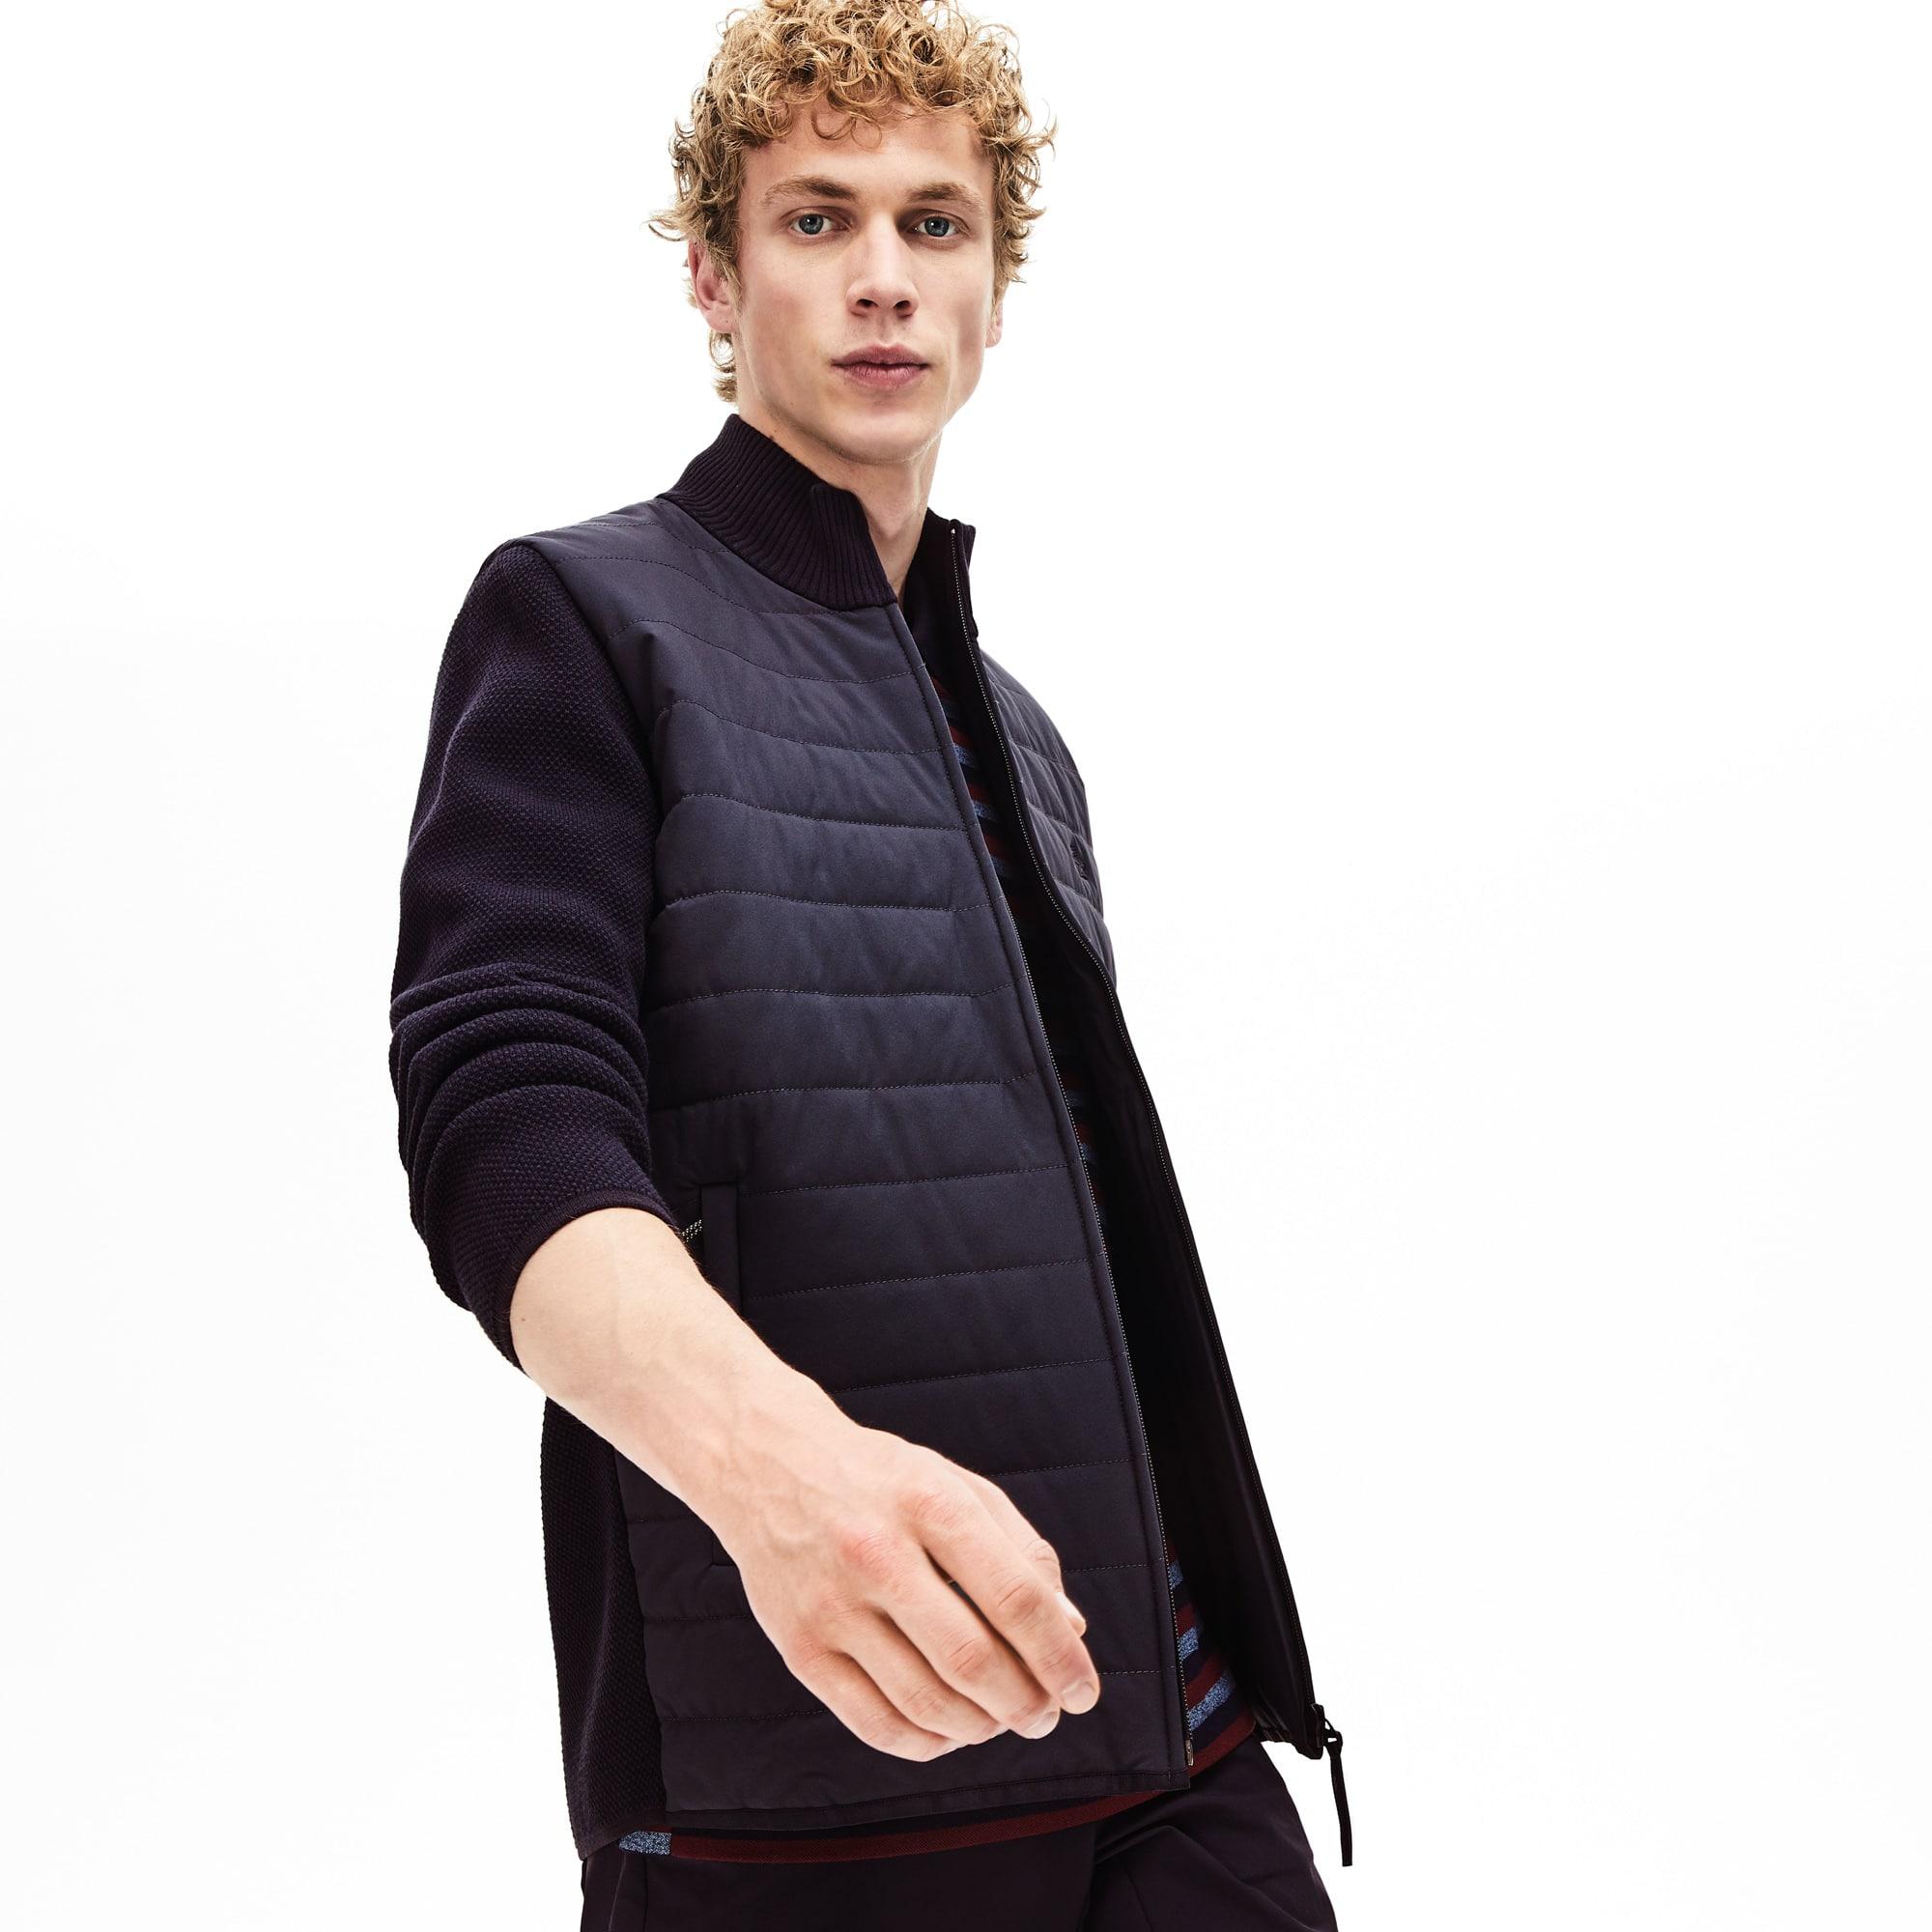 6b86e73a95c Jumpers - Knitwear | Men's Fashion | LACOSTE